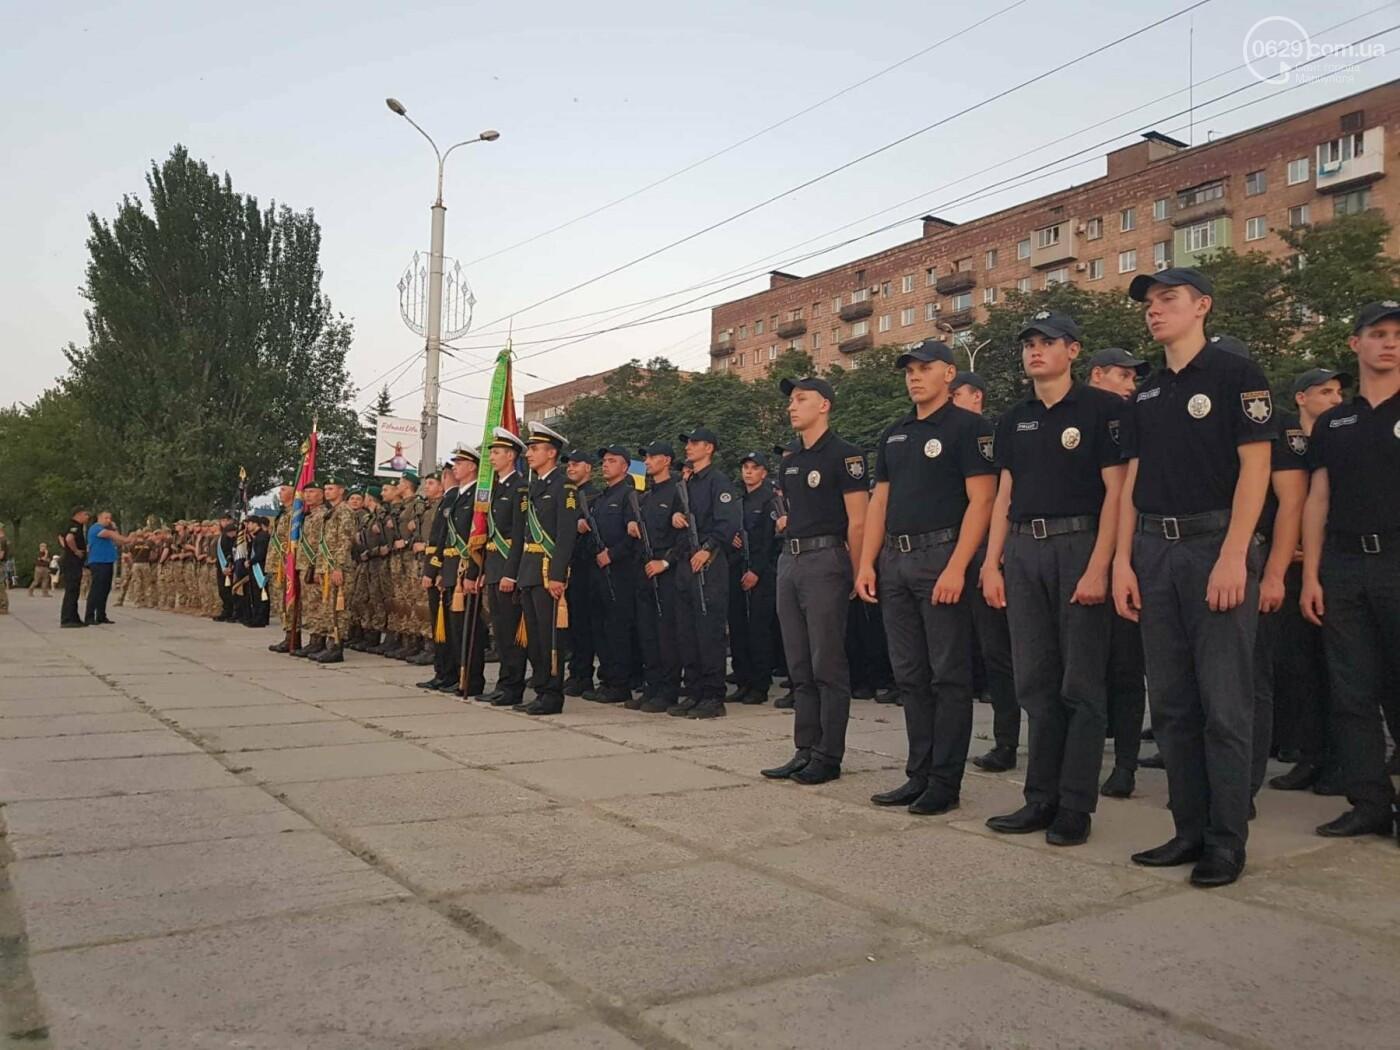 В Мариуполе проходит репетиция парада, - ФОТО, ВИДЕО, фото-2